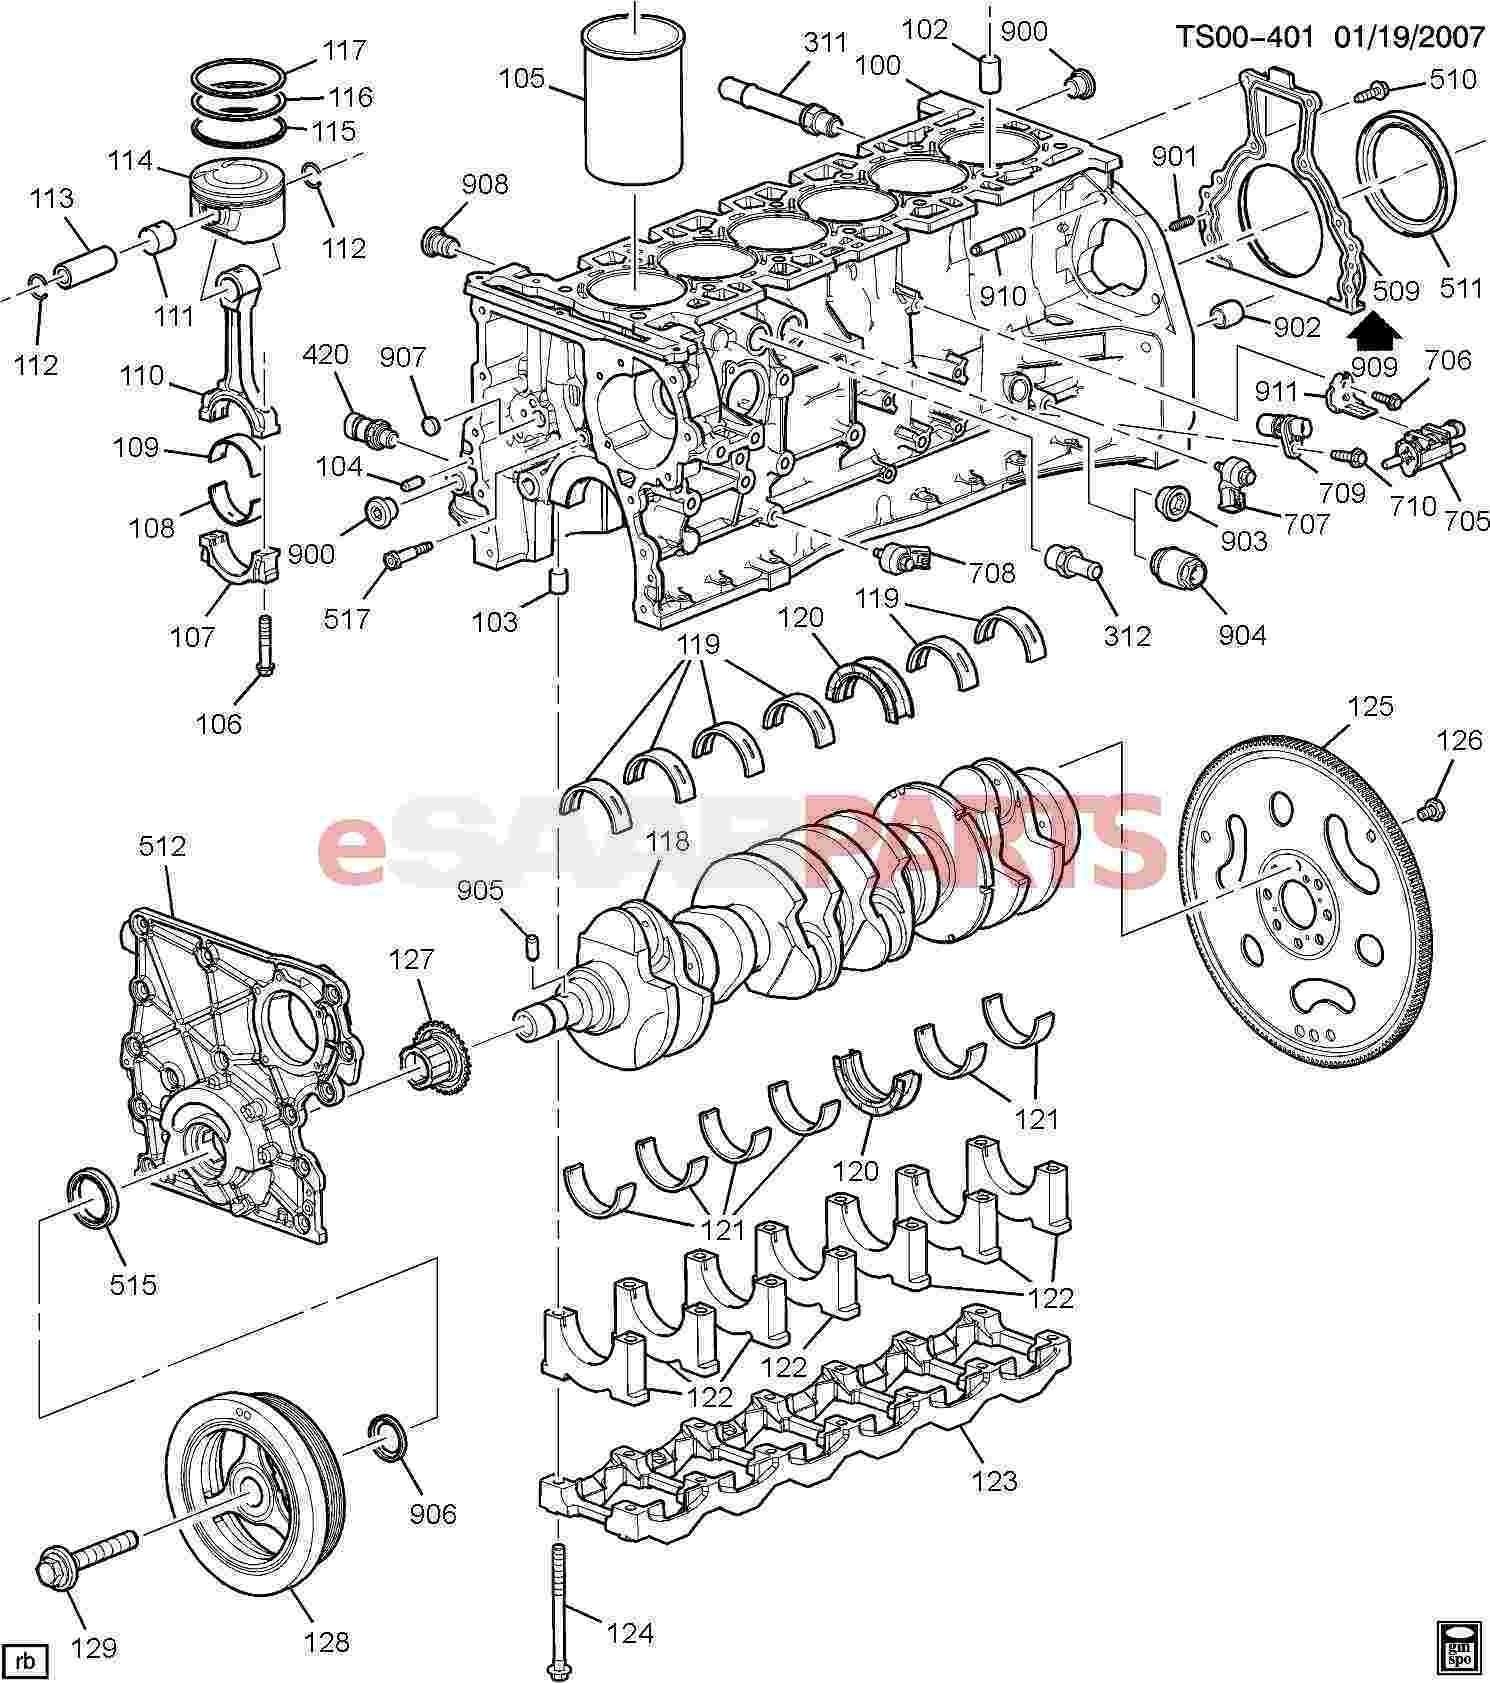 car undercarriage parts diagram exterior car parts diagram rh detoxicrecenze com Saab 9-7X Interior Saab 9-7X Lowered